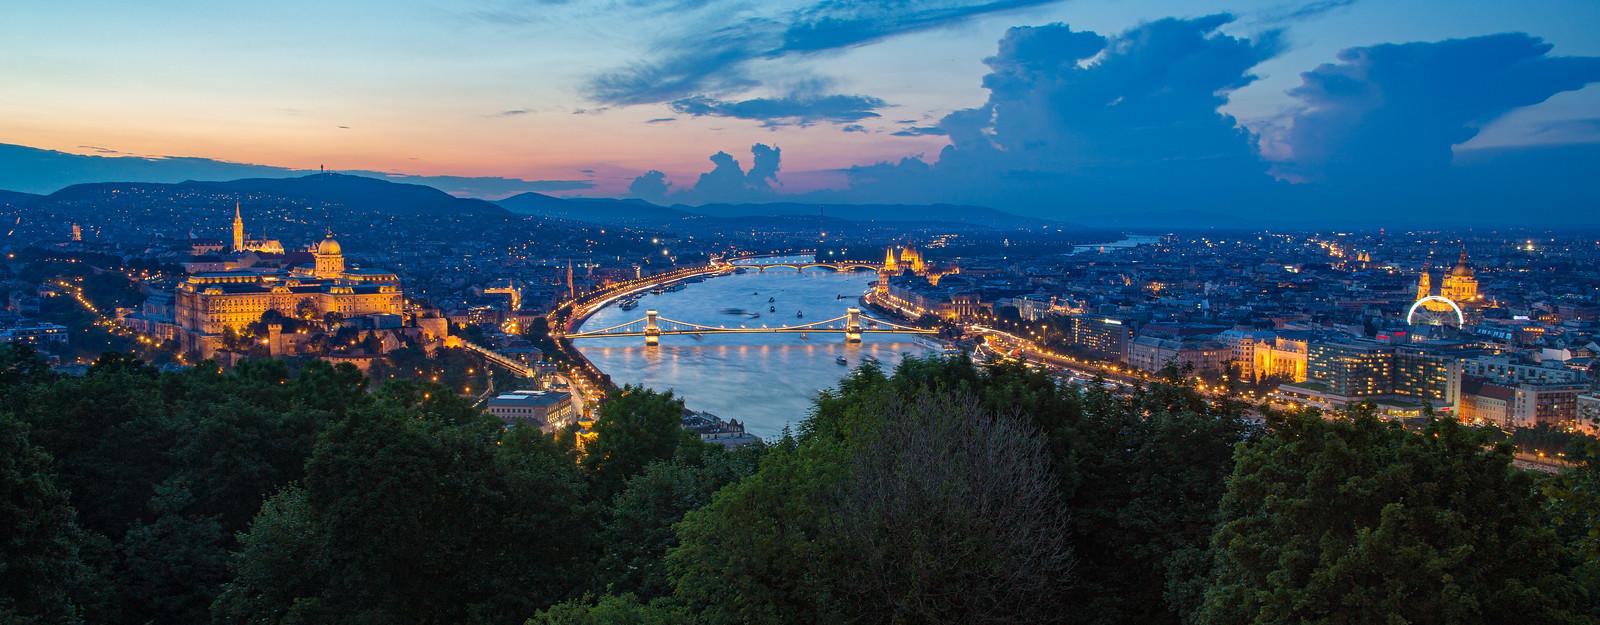 Kilátás a Citadelláról napnyugta után, nyáron